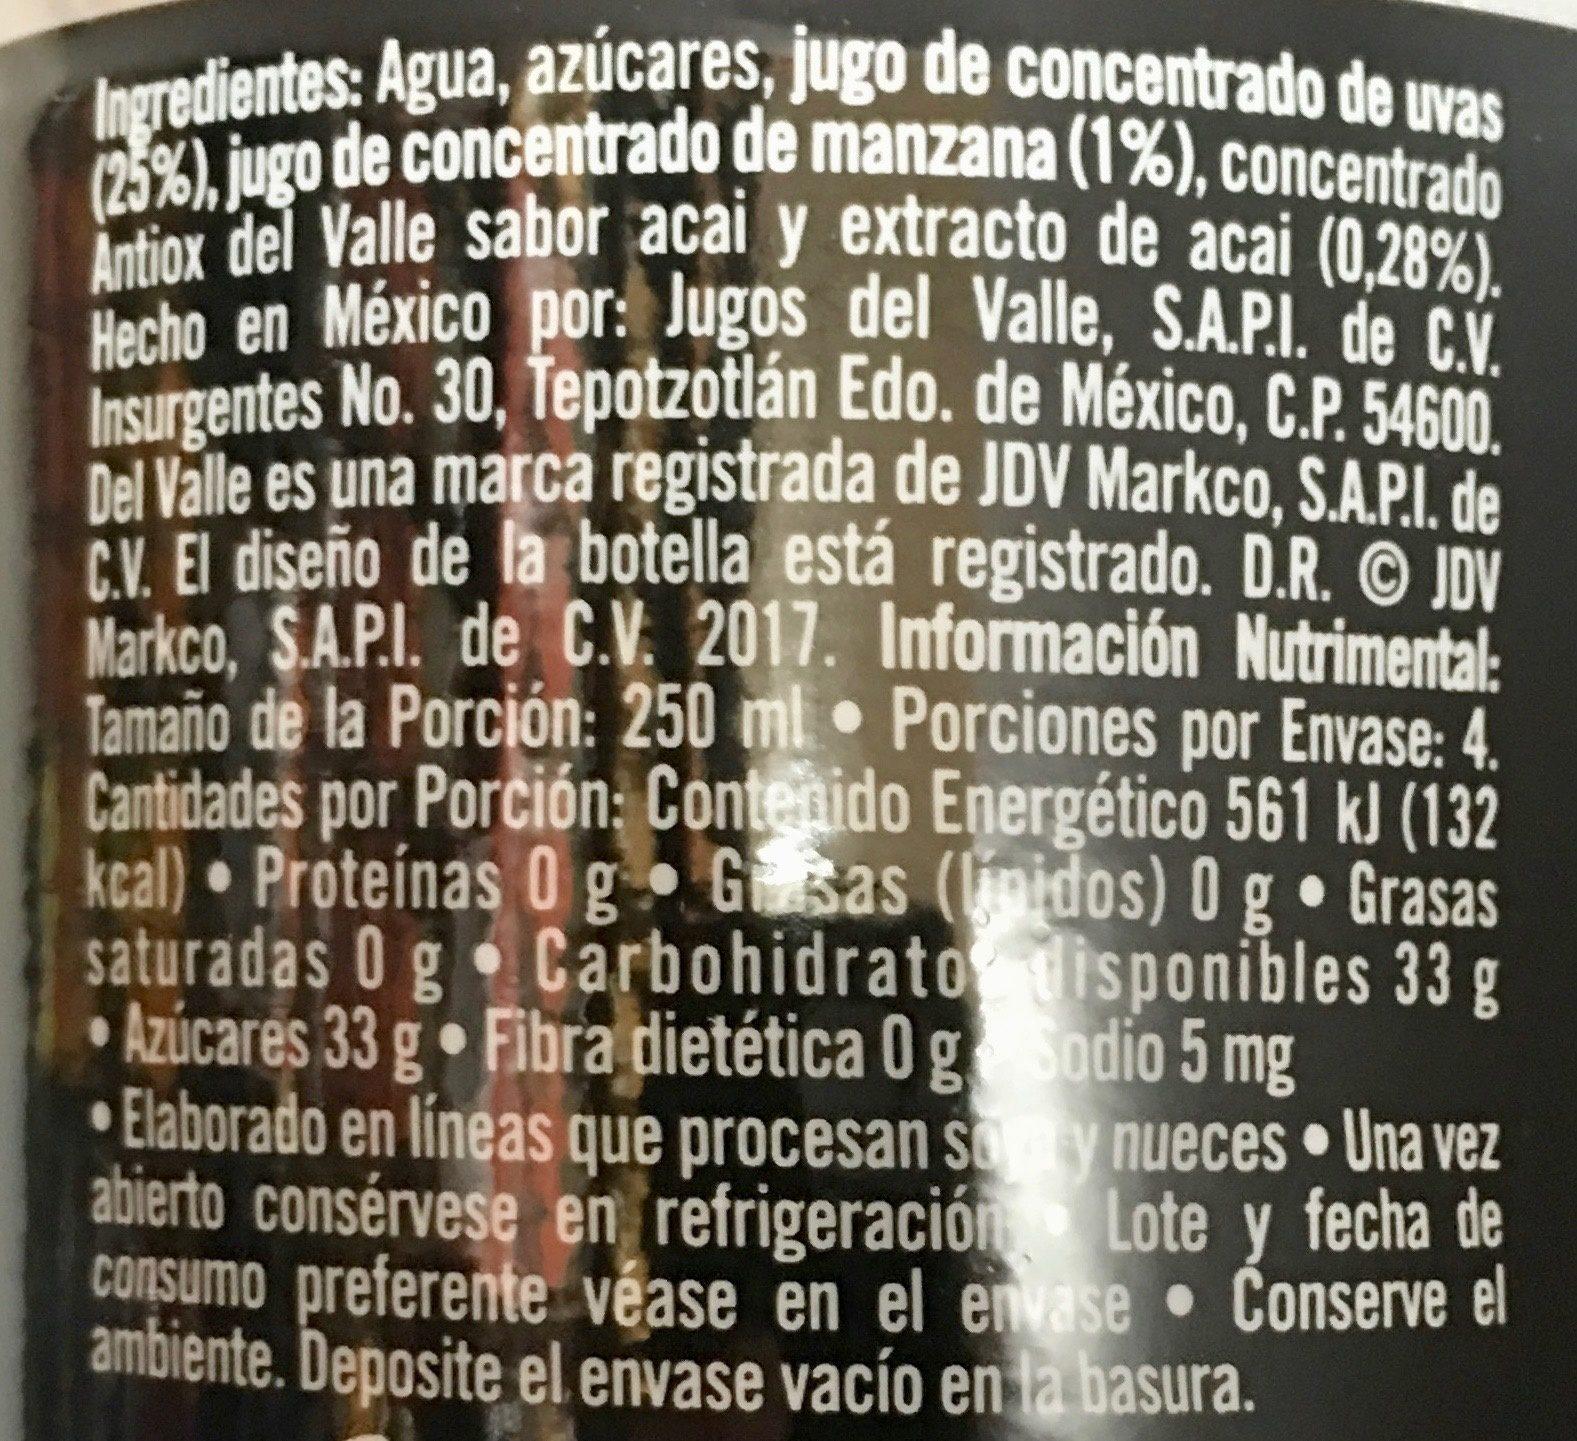 Del Valle Antiox Frutos Mixtos con Acai - Ingredients - es